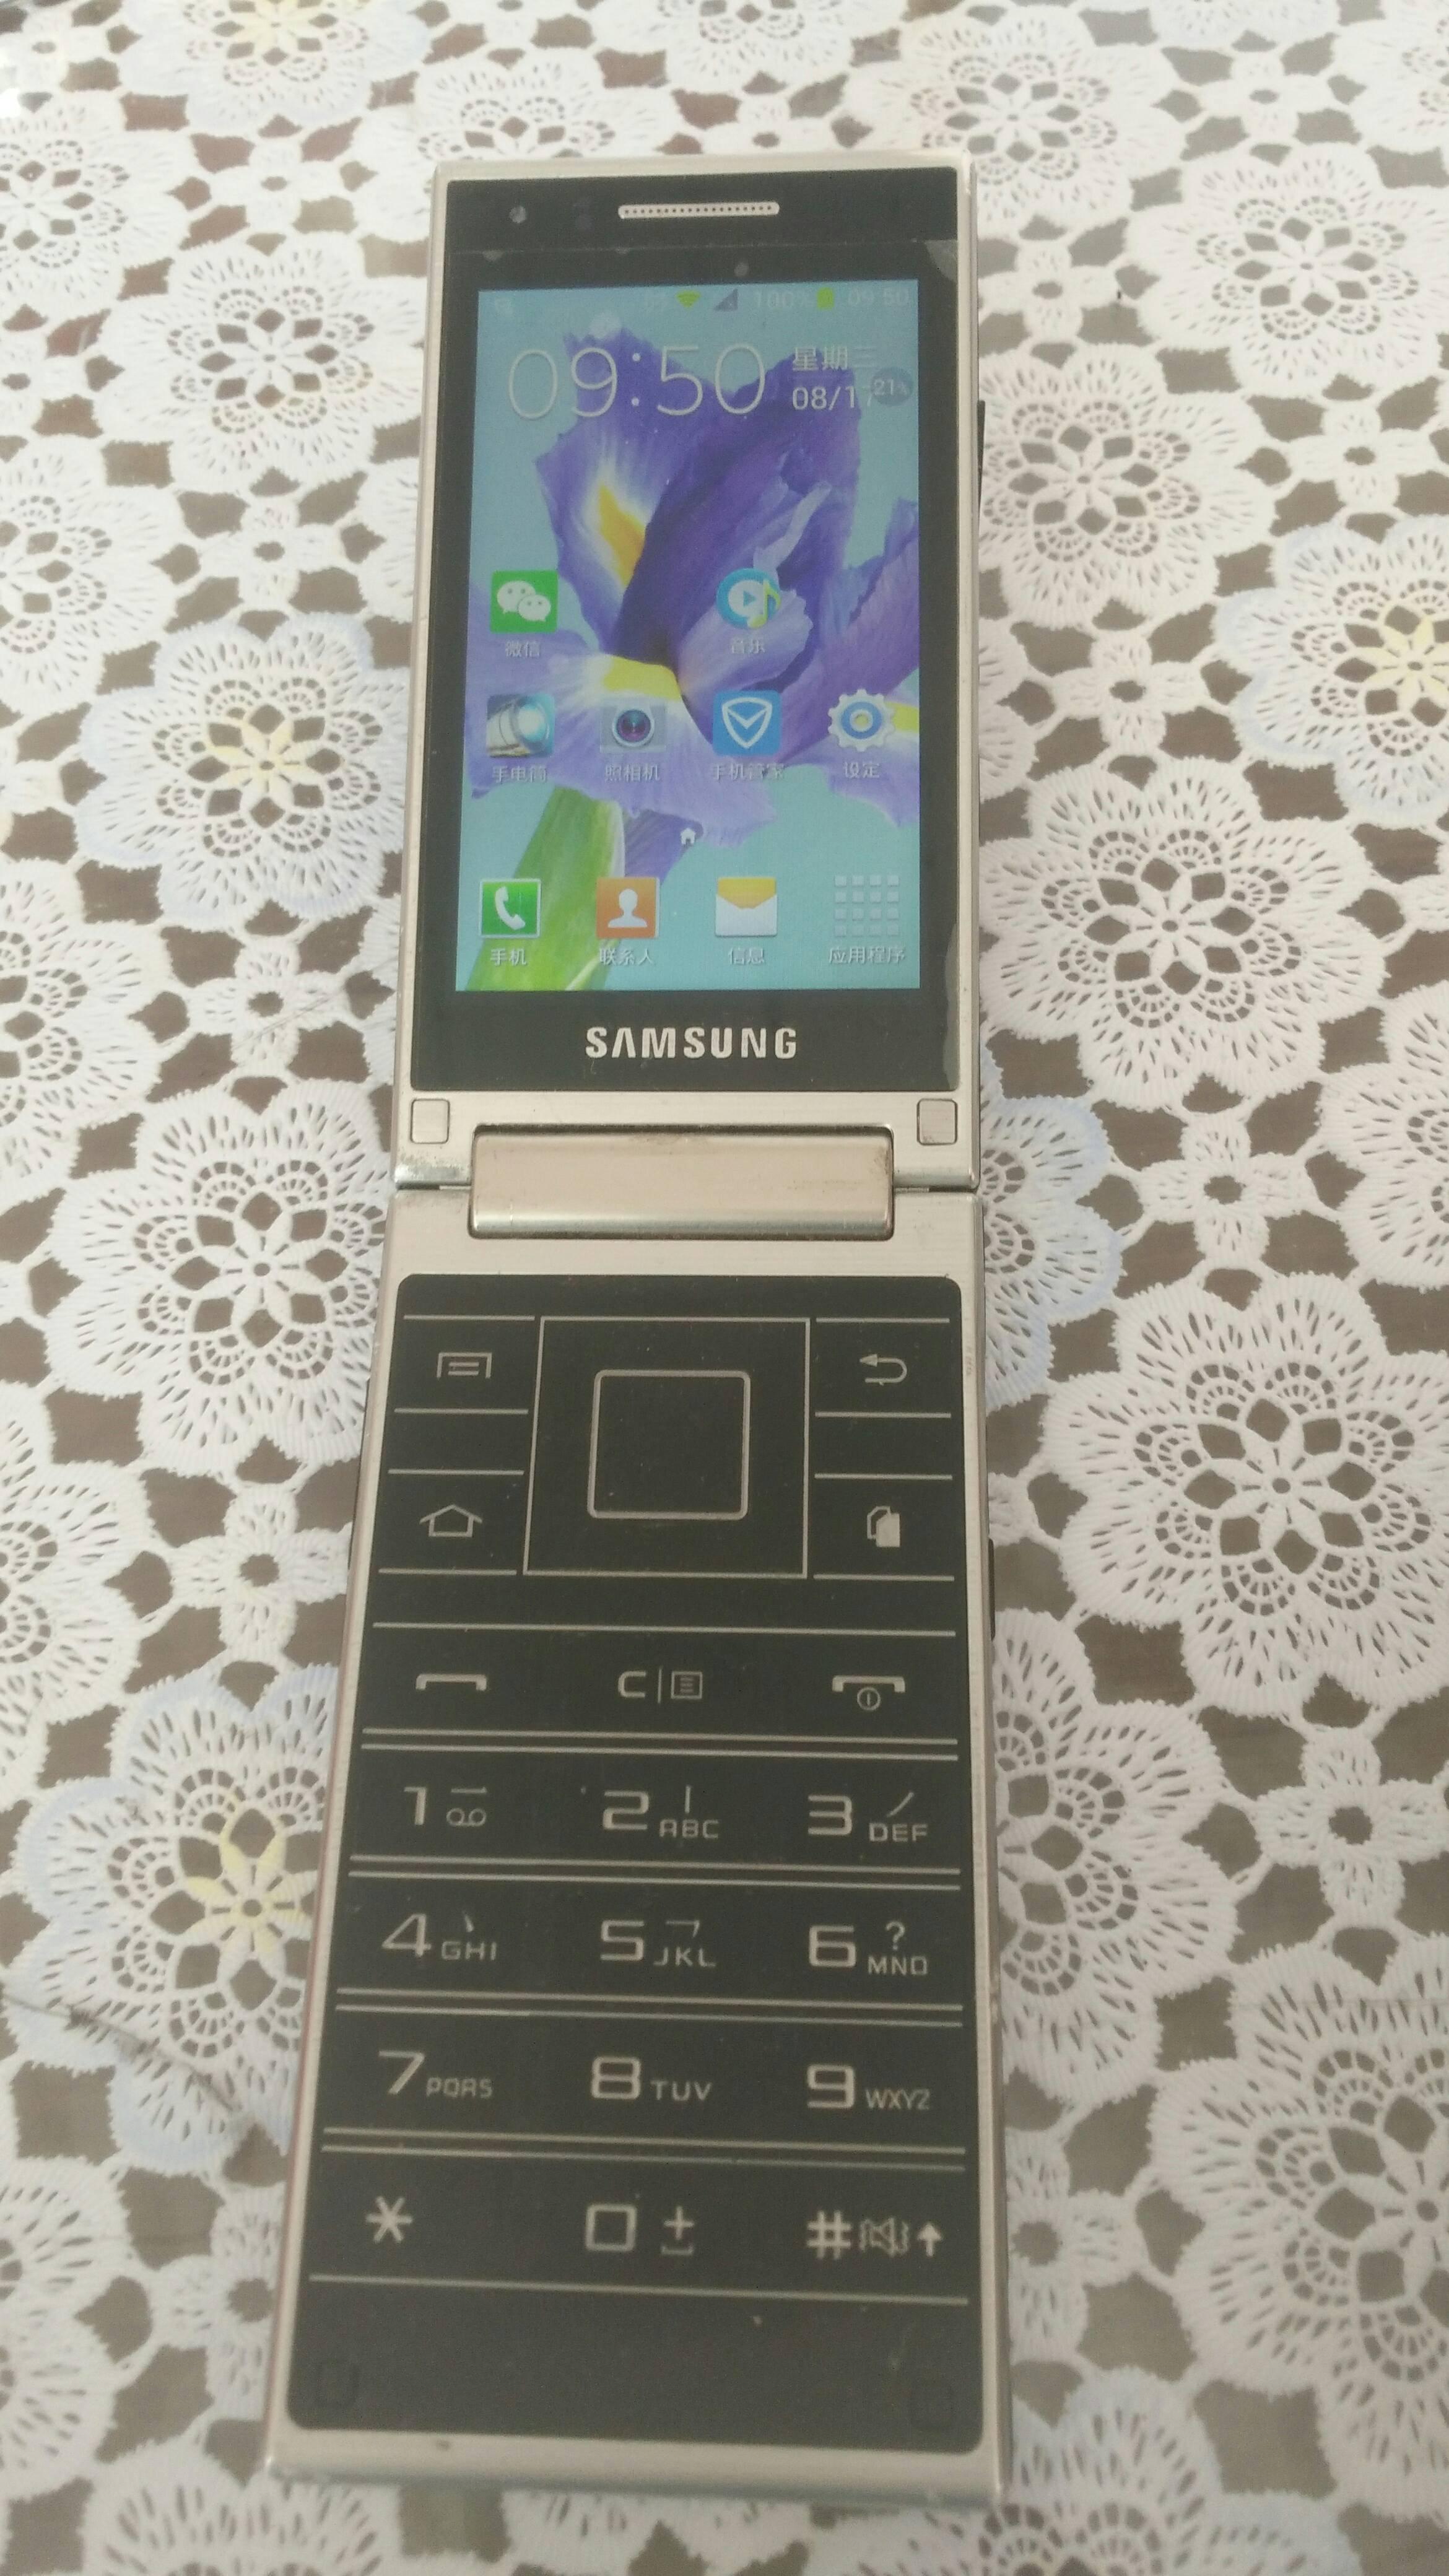 诚心出闲置三星g9098,或用其他手机换也可以